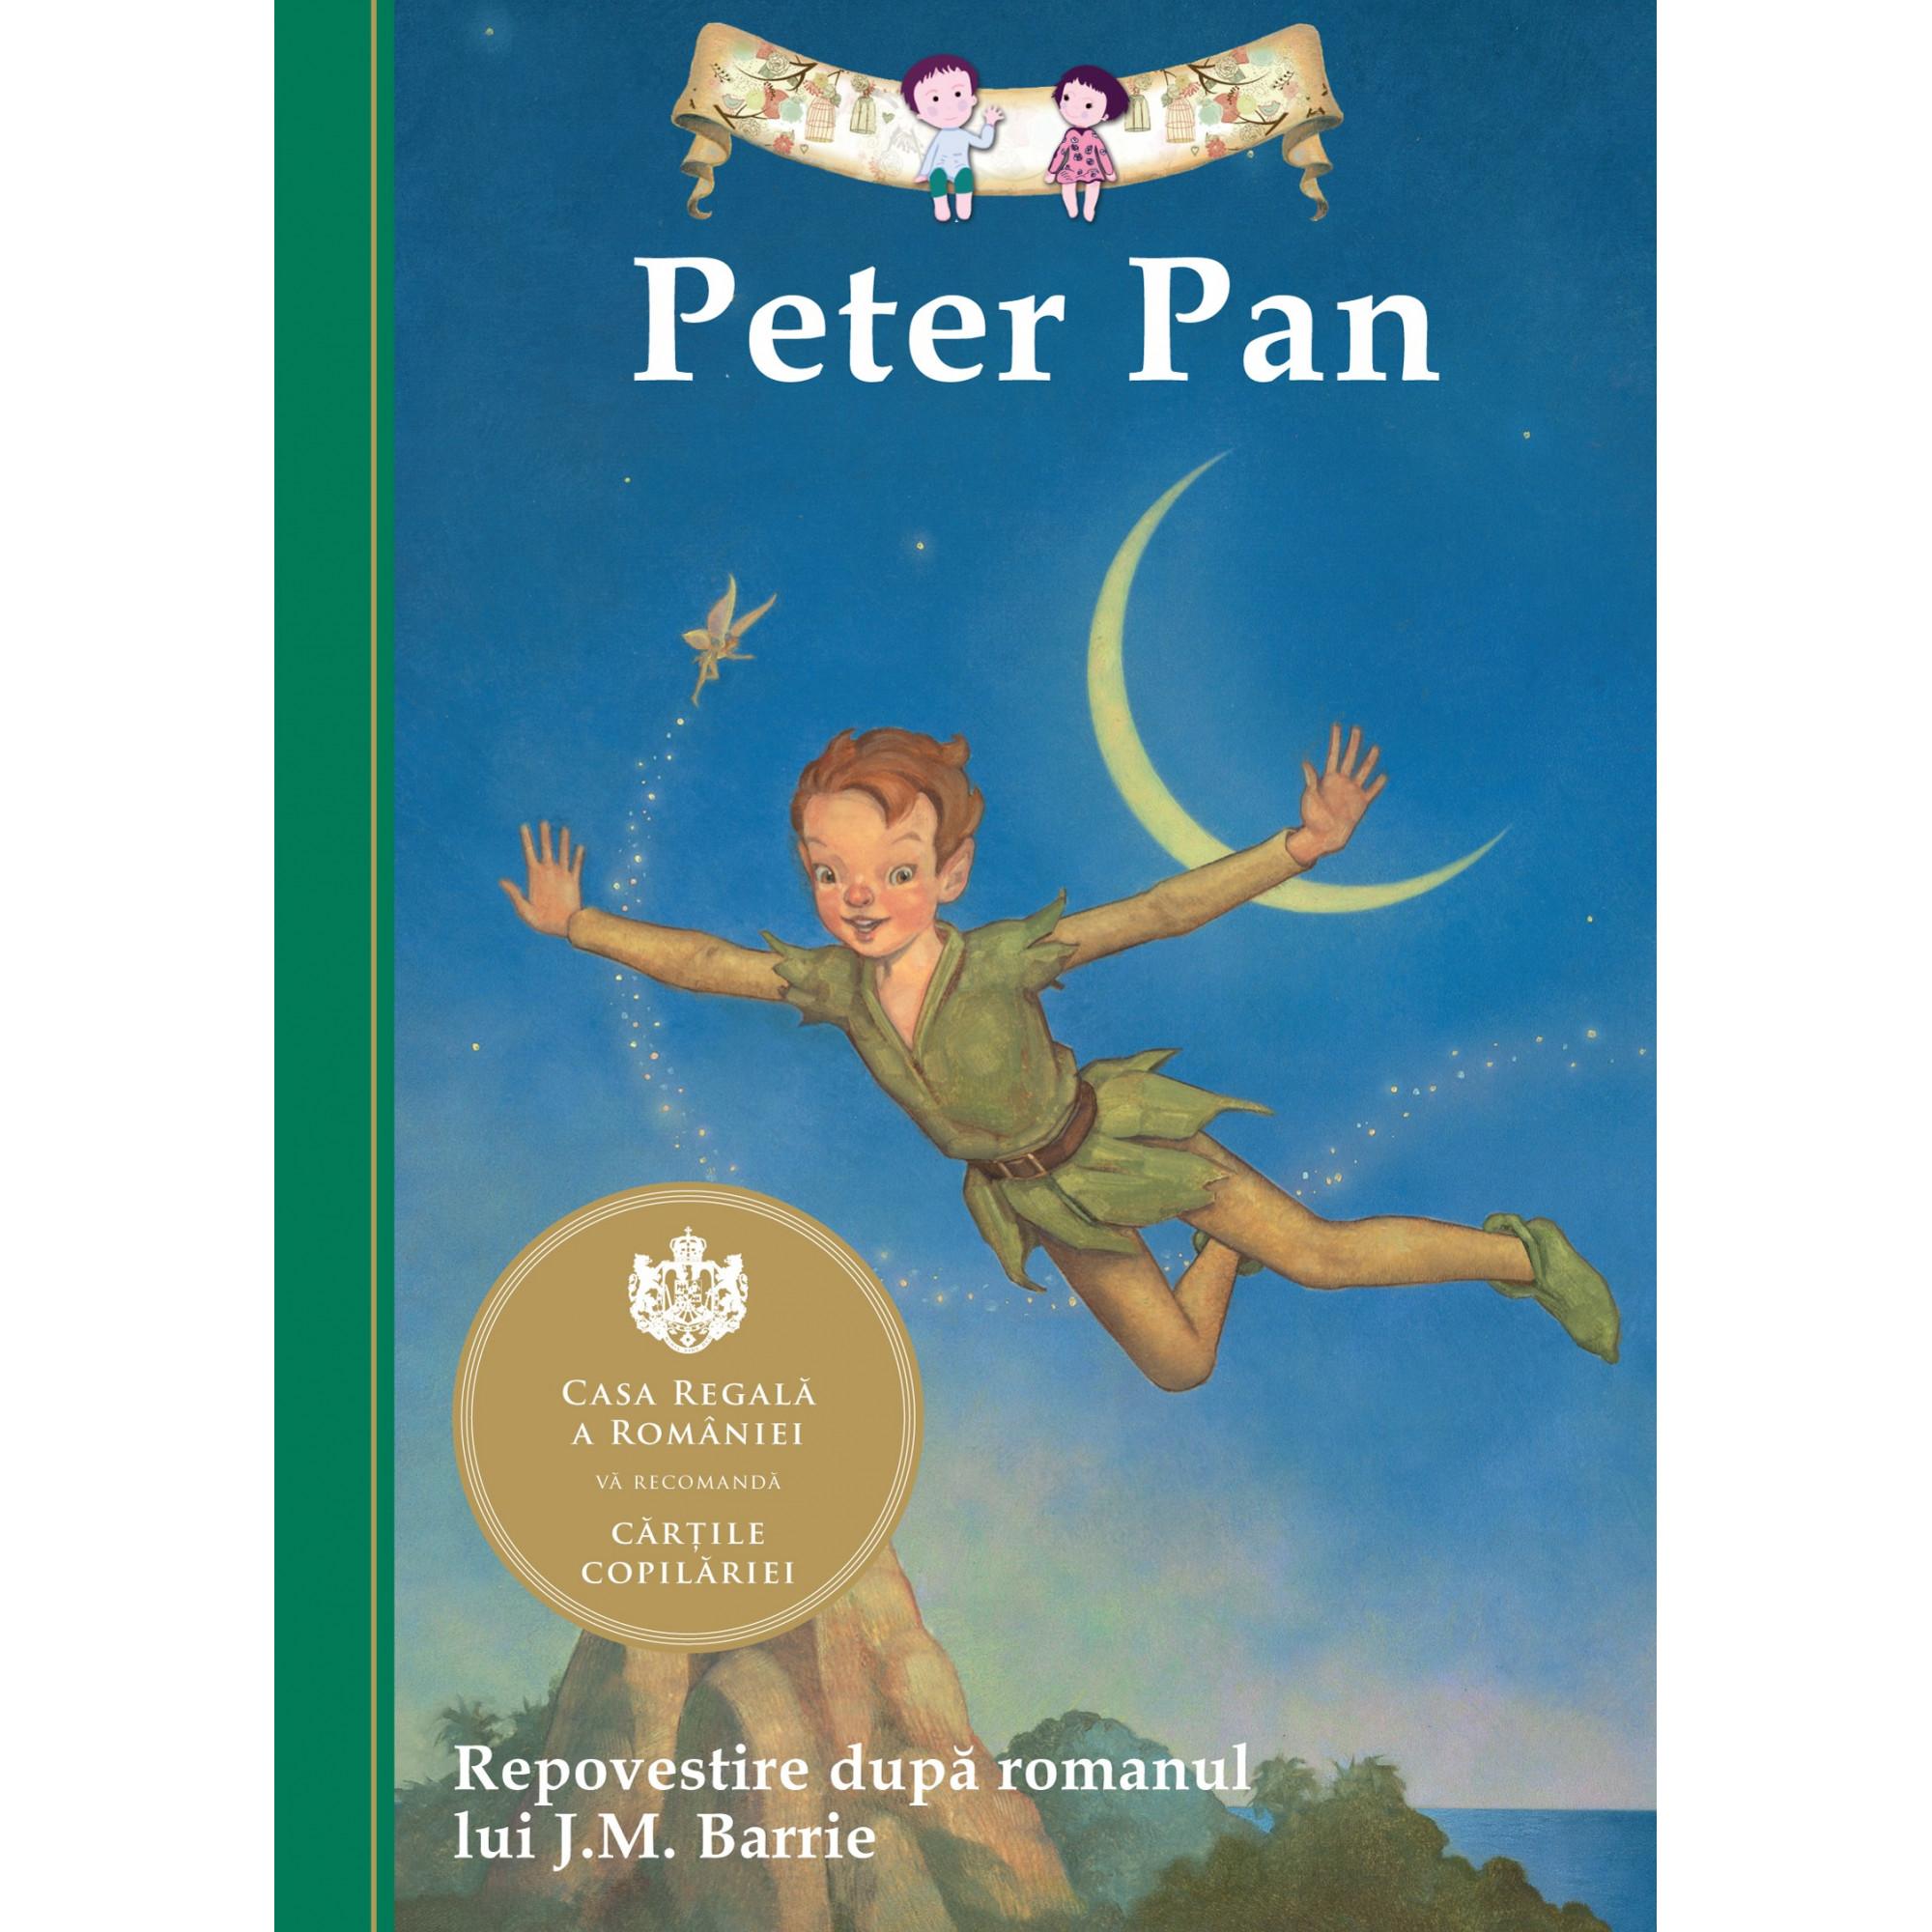 Peter Pan. Repovestire după romanul lui J.M.Barrie; Tania Zamorsky